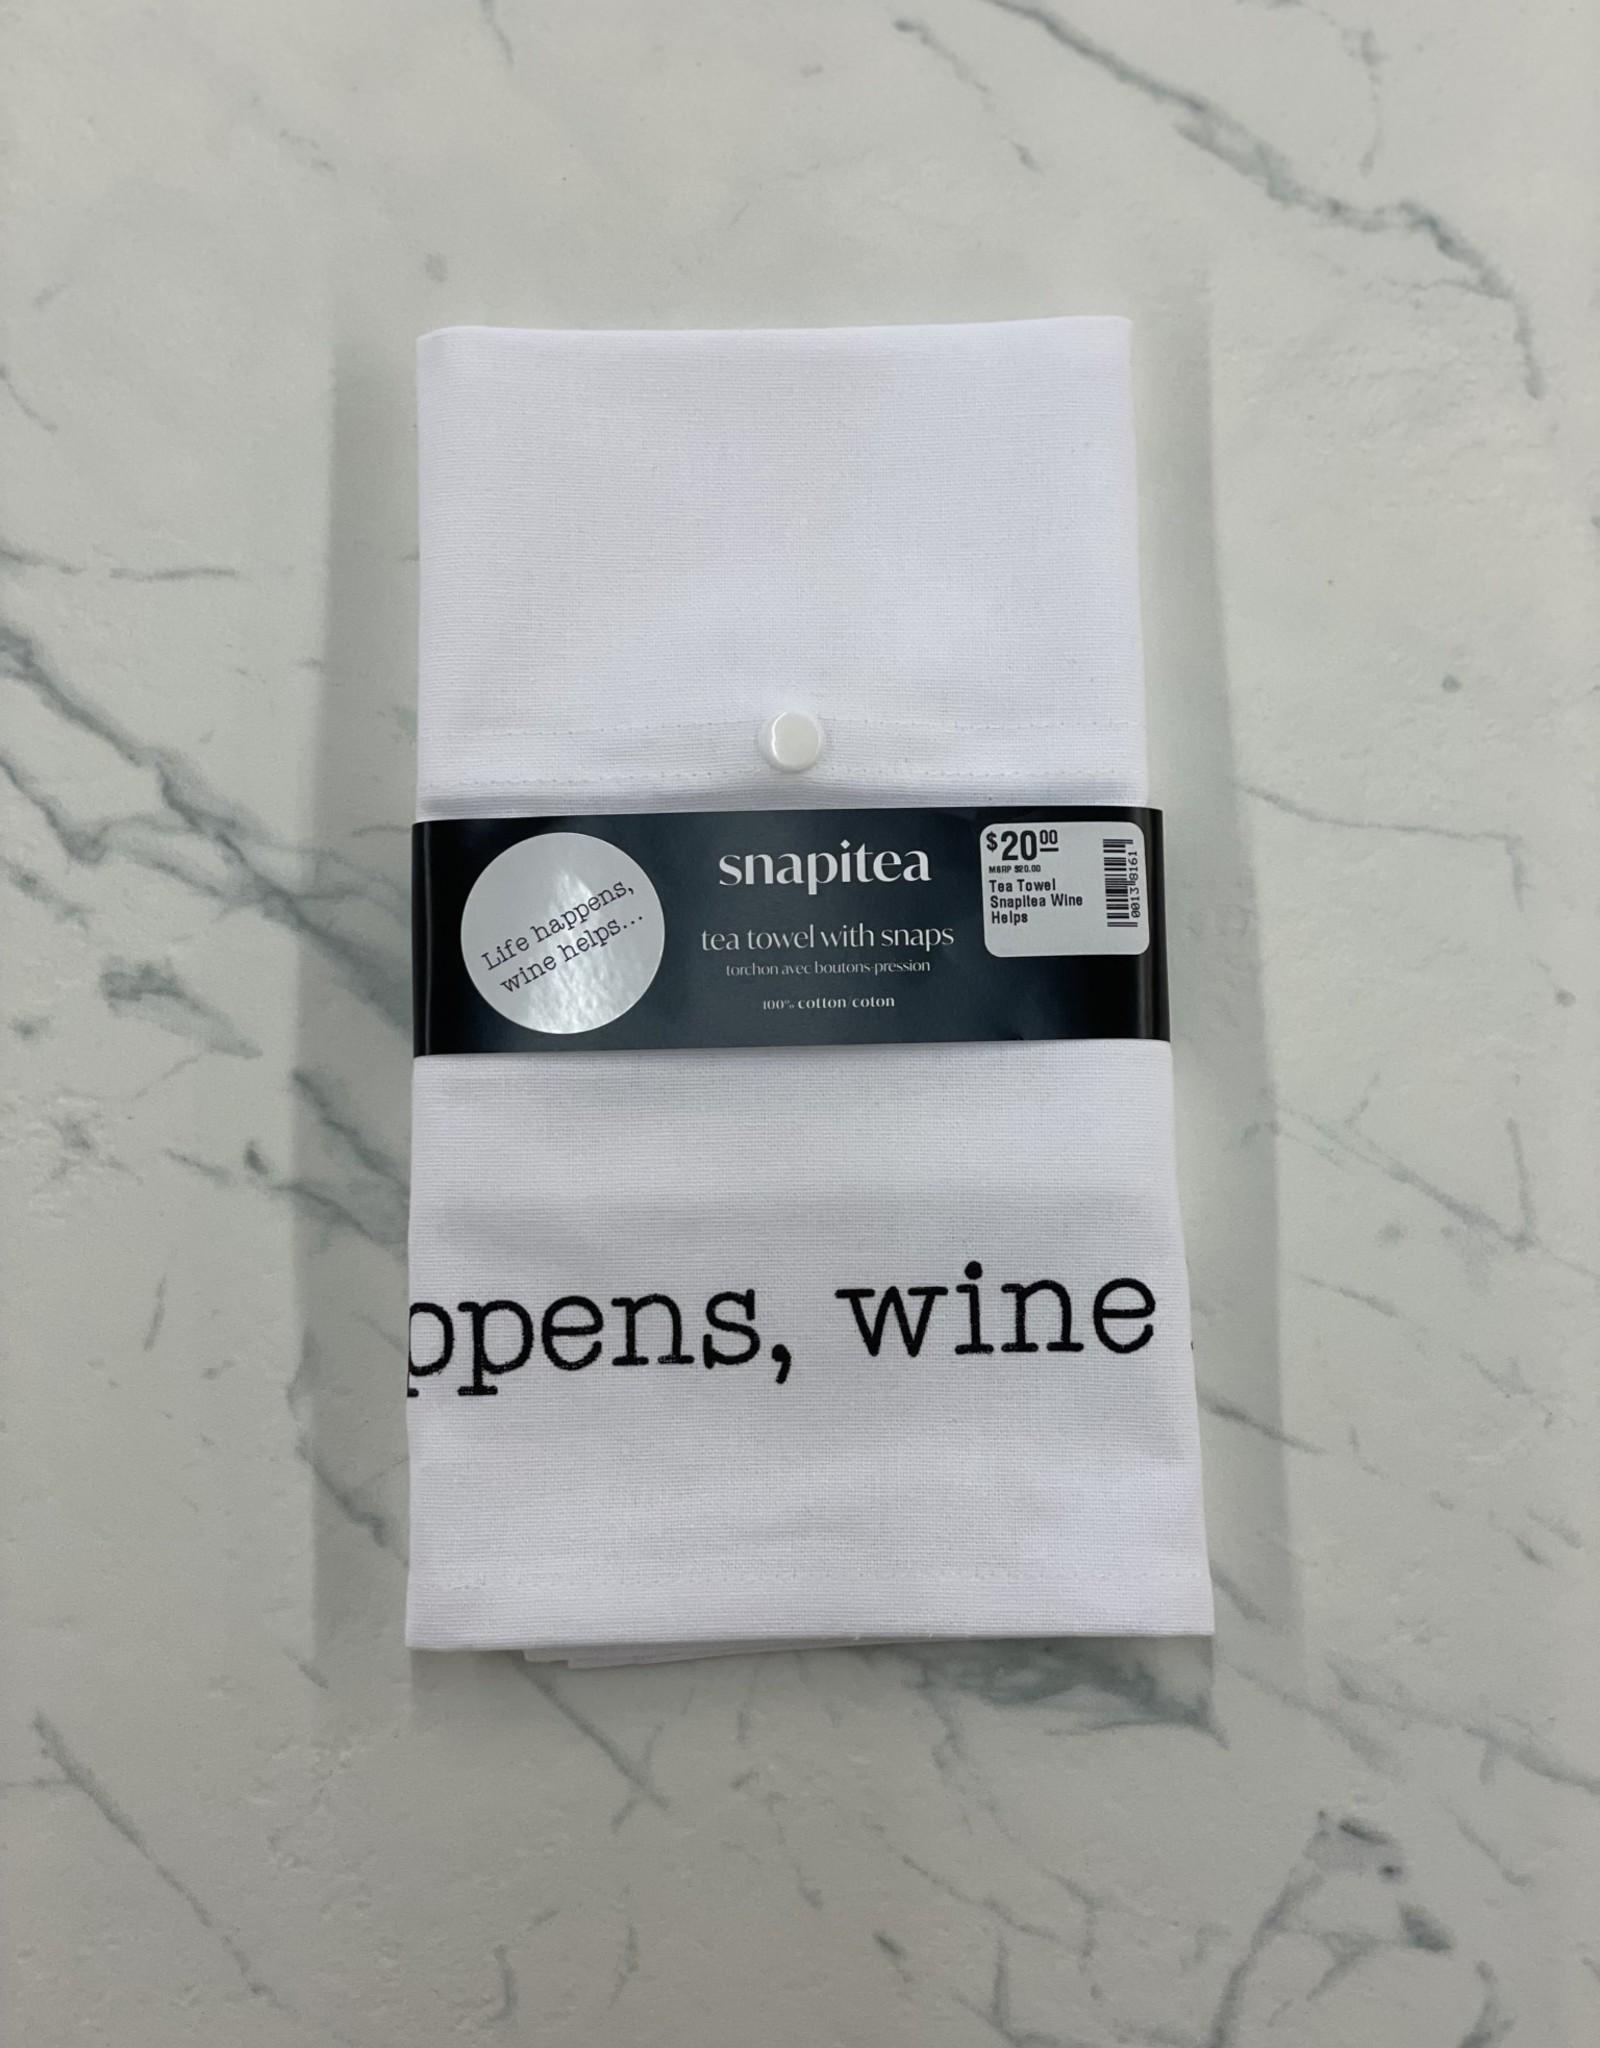 Snapitea Tea Towel Snapitea Wine Helps